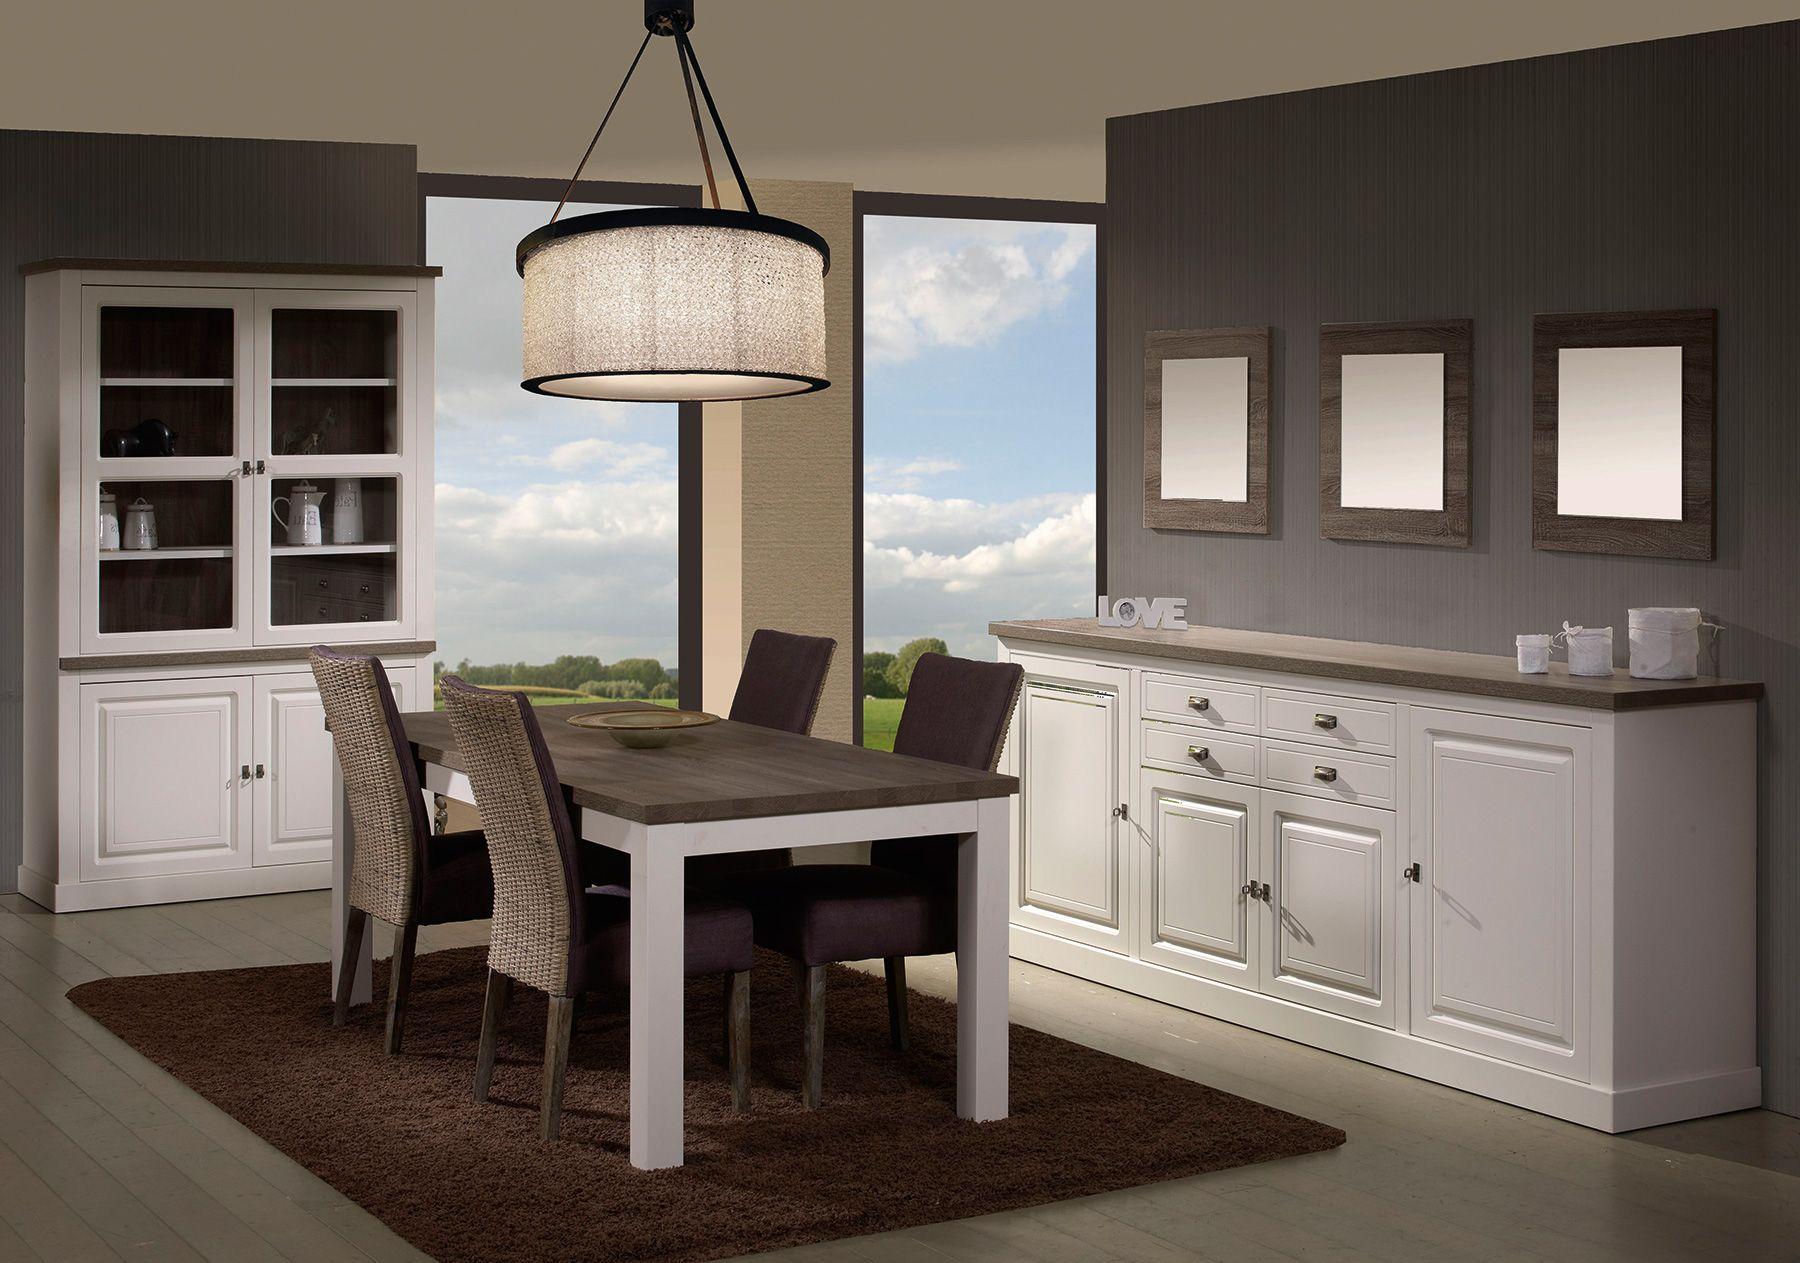 2811d81510f58230919773e68862327c Incroyable De Table Basse En Verre Design Haut De Gamme Conception